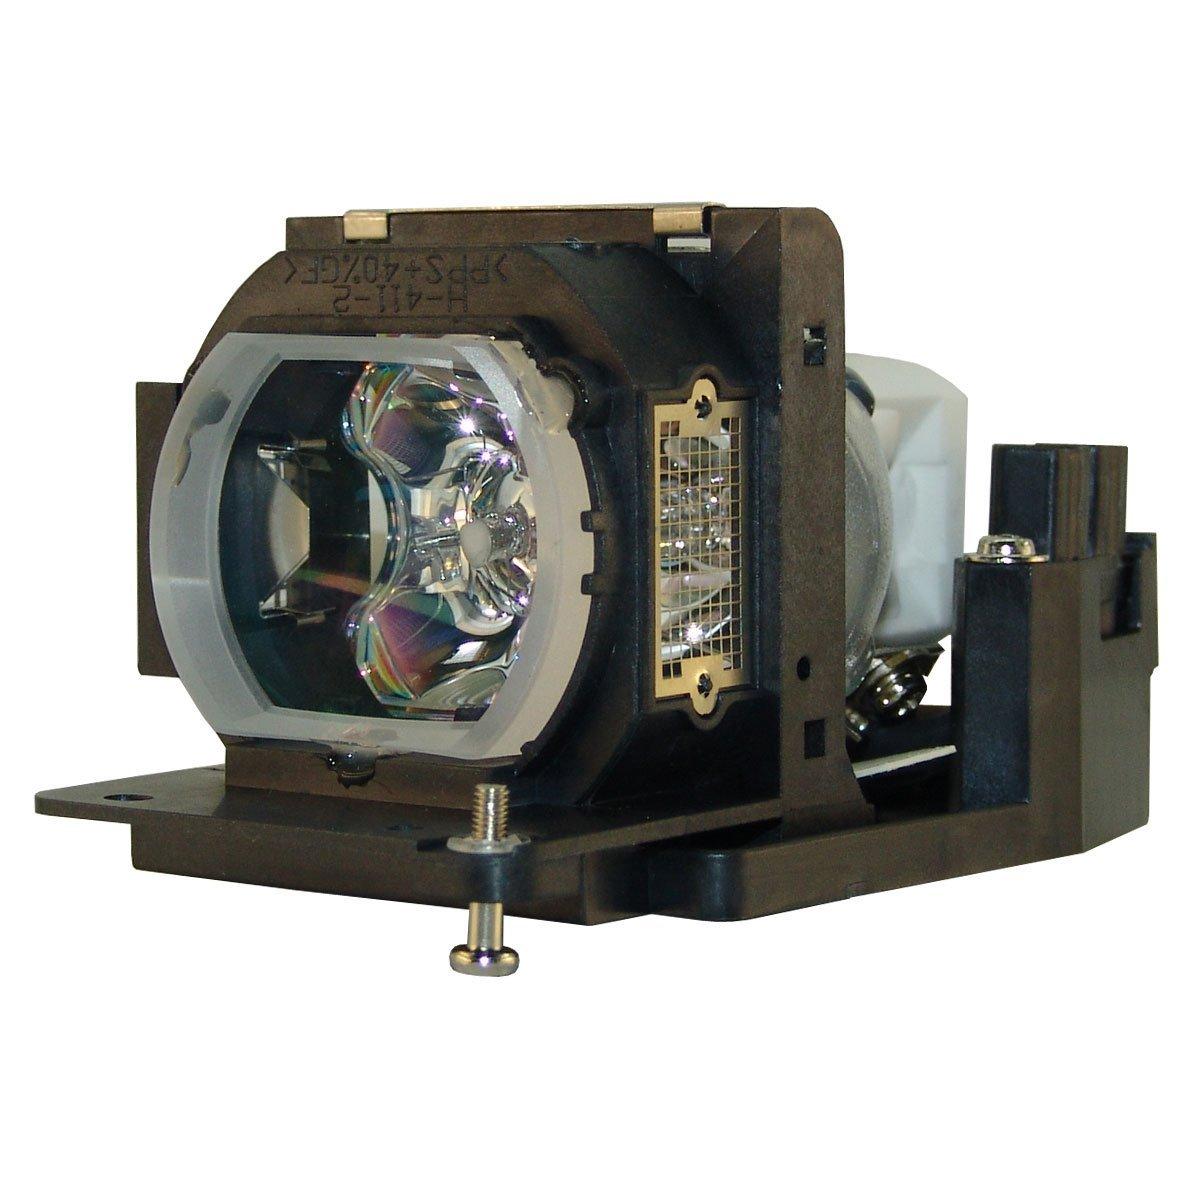 Projector Lamp Bulb VLT-SL6LP VLTSL6LP for Mitsubishi SL6U XL9U SL9U with housing high quality projector lamp bulb vlt sl6lp for projector sl6u xl9u lx390 sl6u xl6 xl9 xl9u free shipping